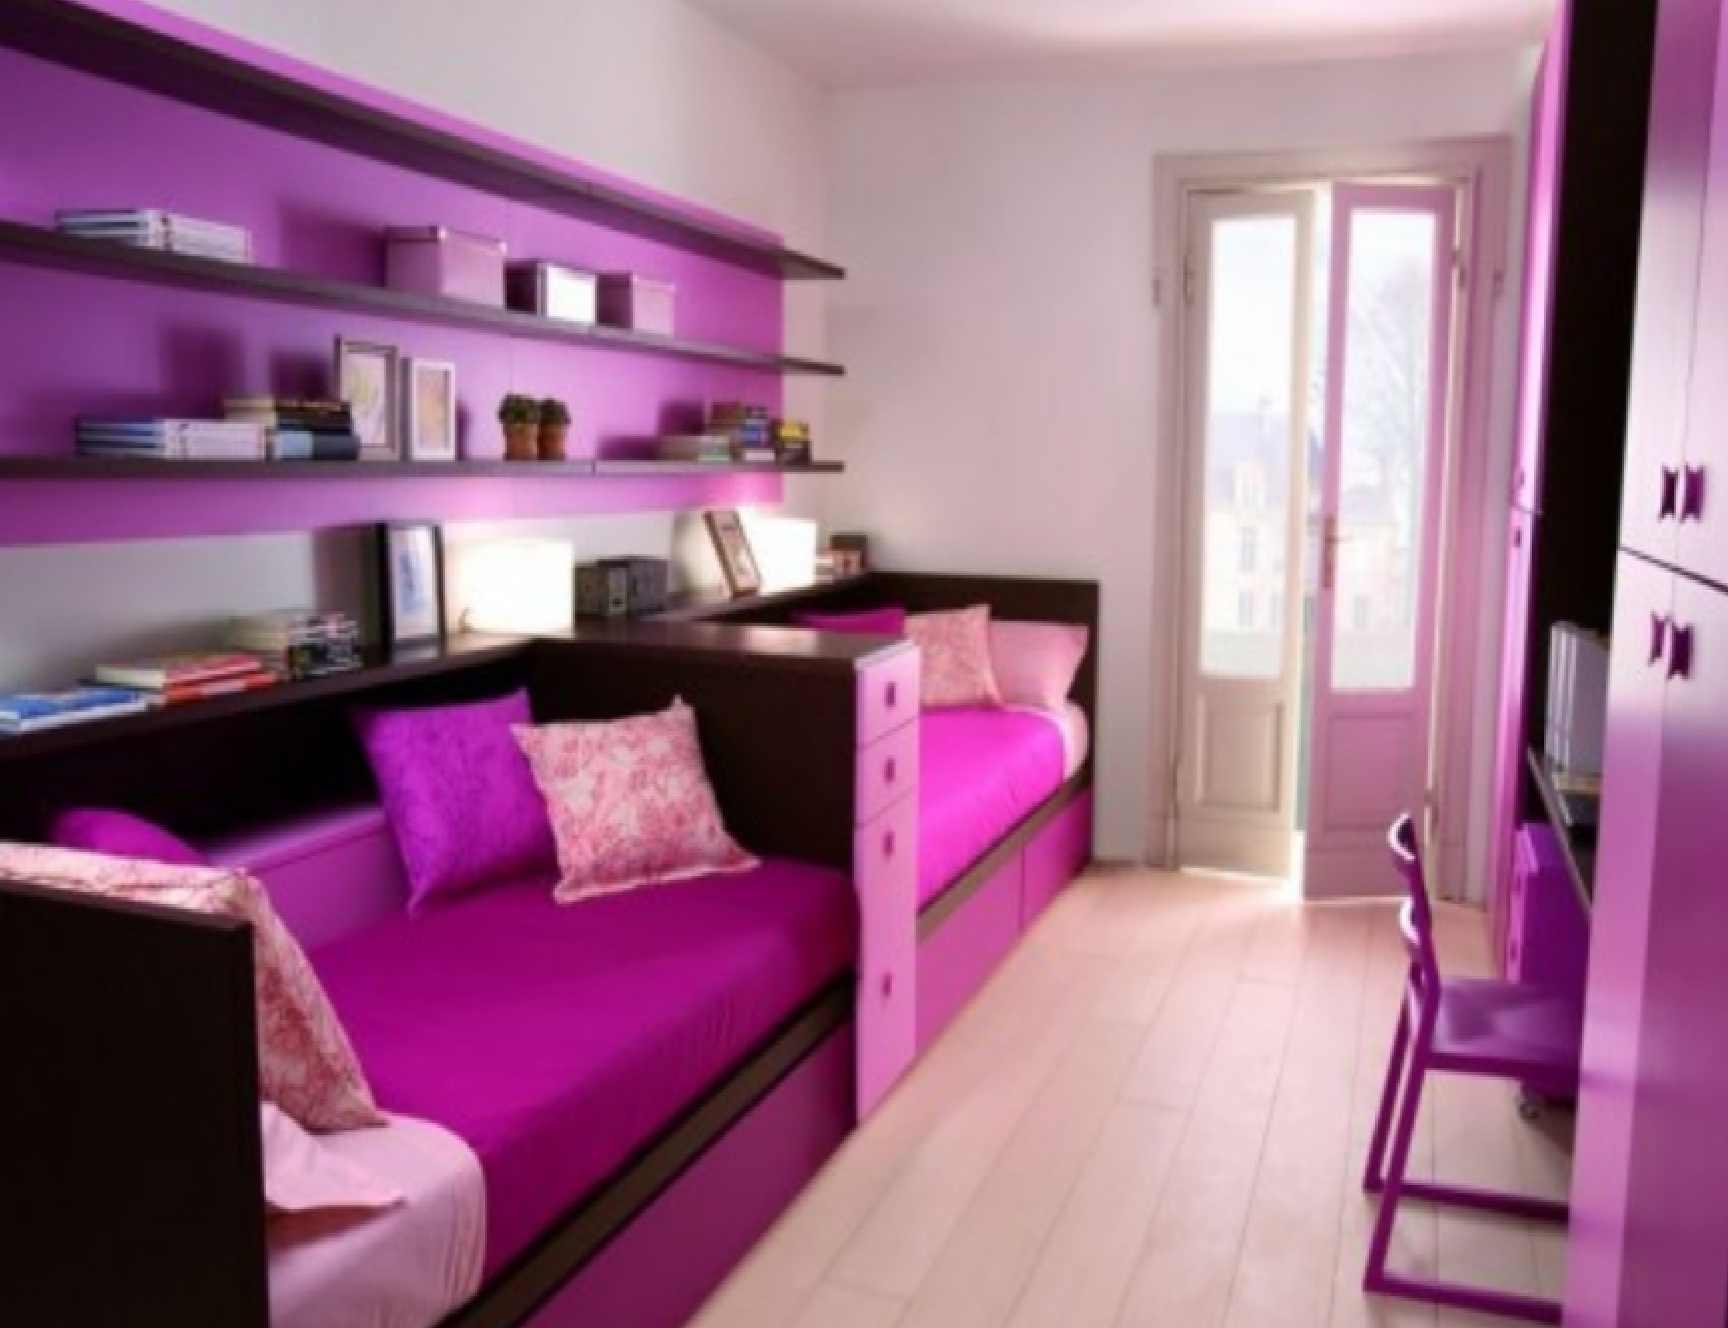 تصميم غرفة نوم لطفلين المرسال